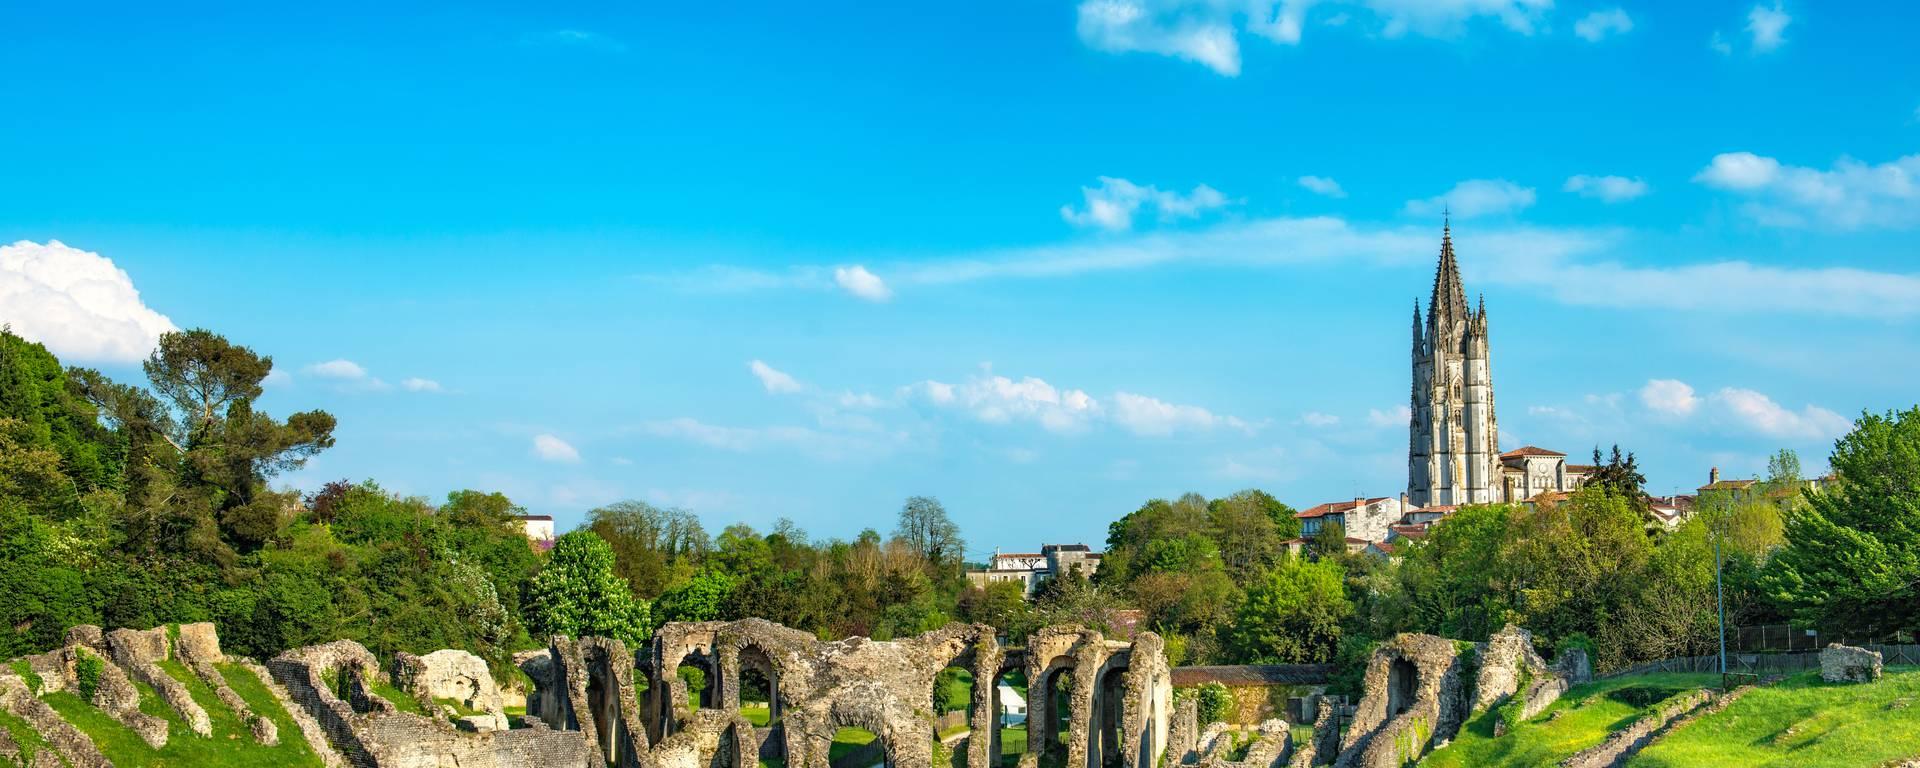 l'amphithéâtre Romain de Saintes